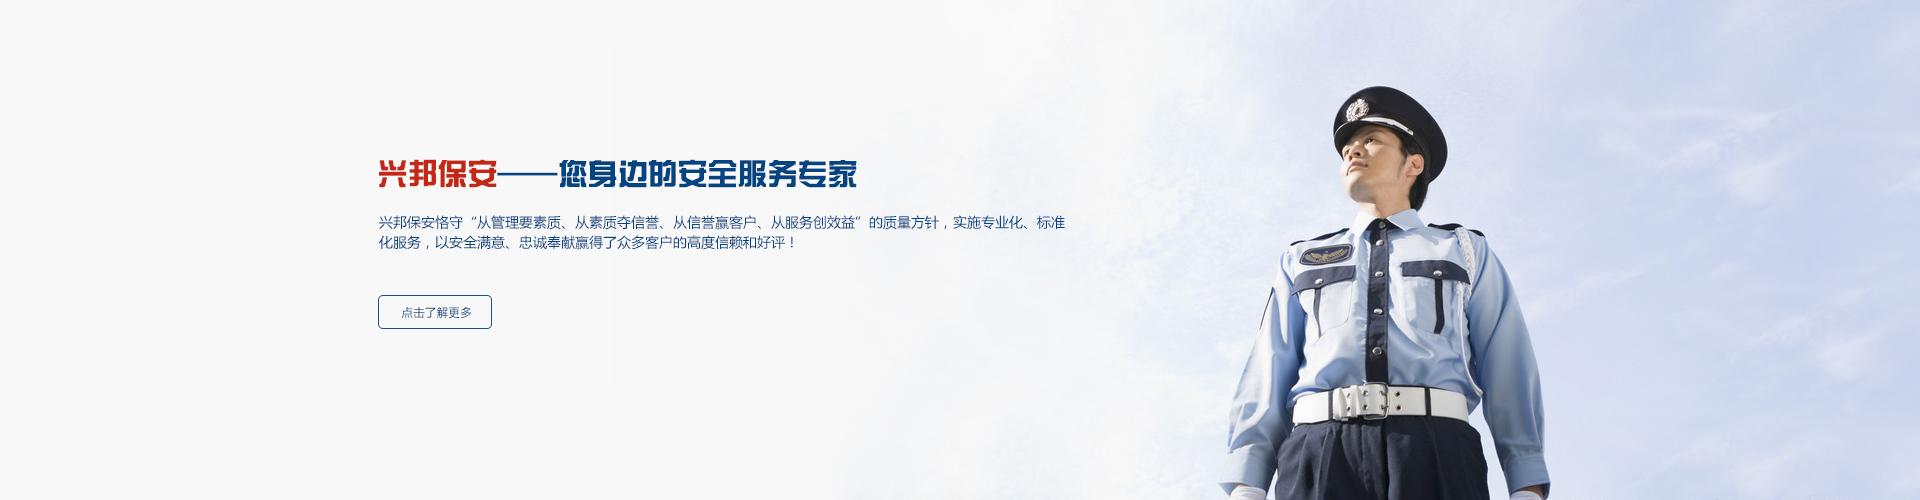 万博manbetx客戶端下载万博体育手机版